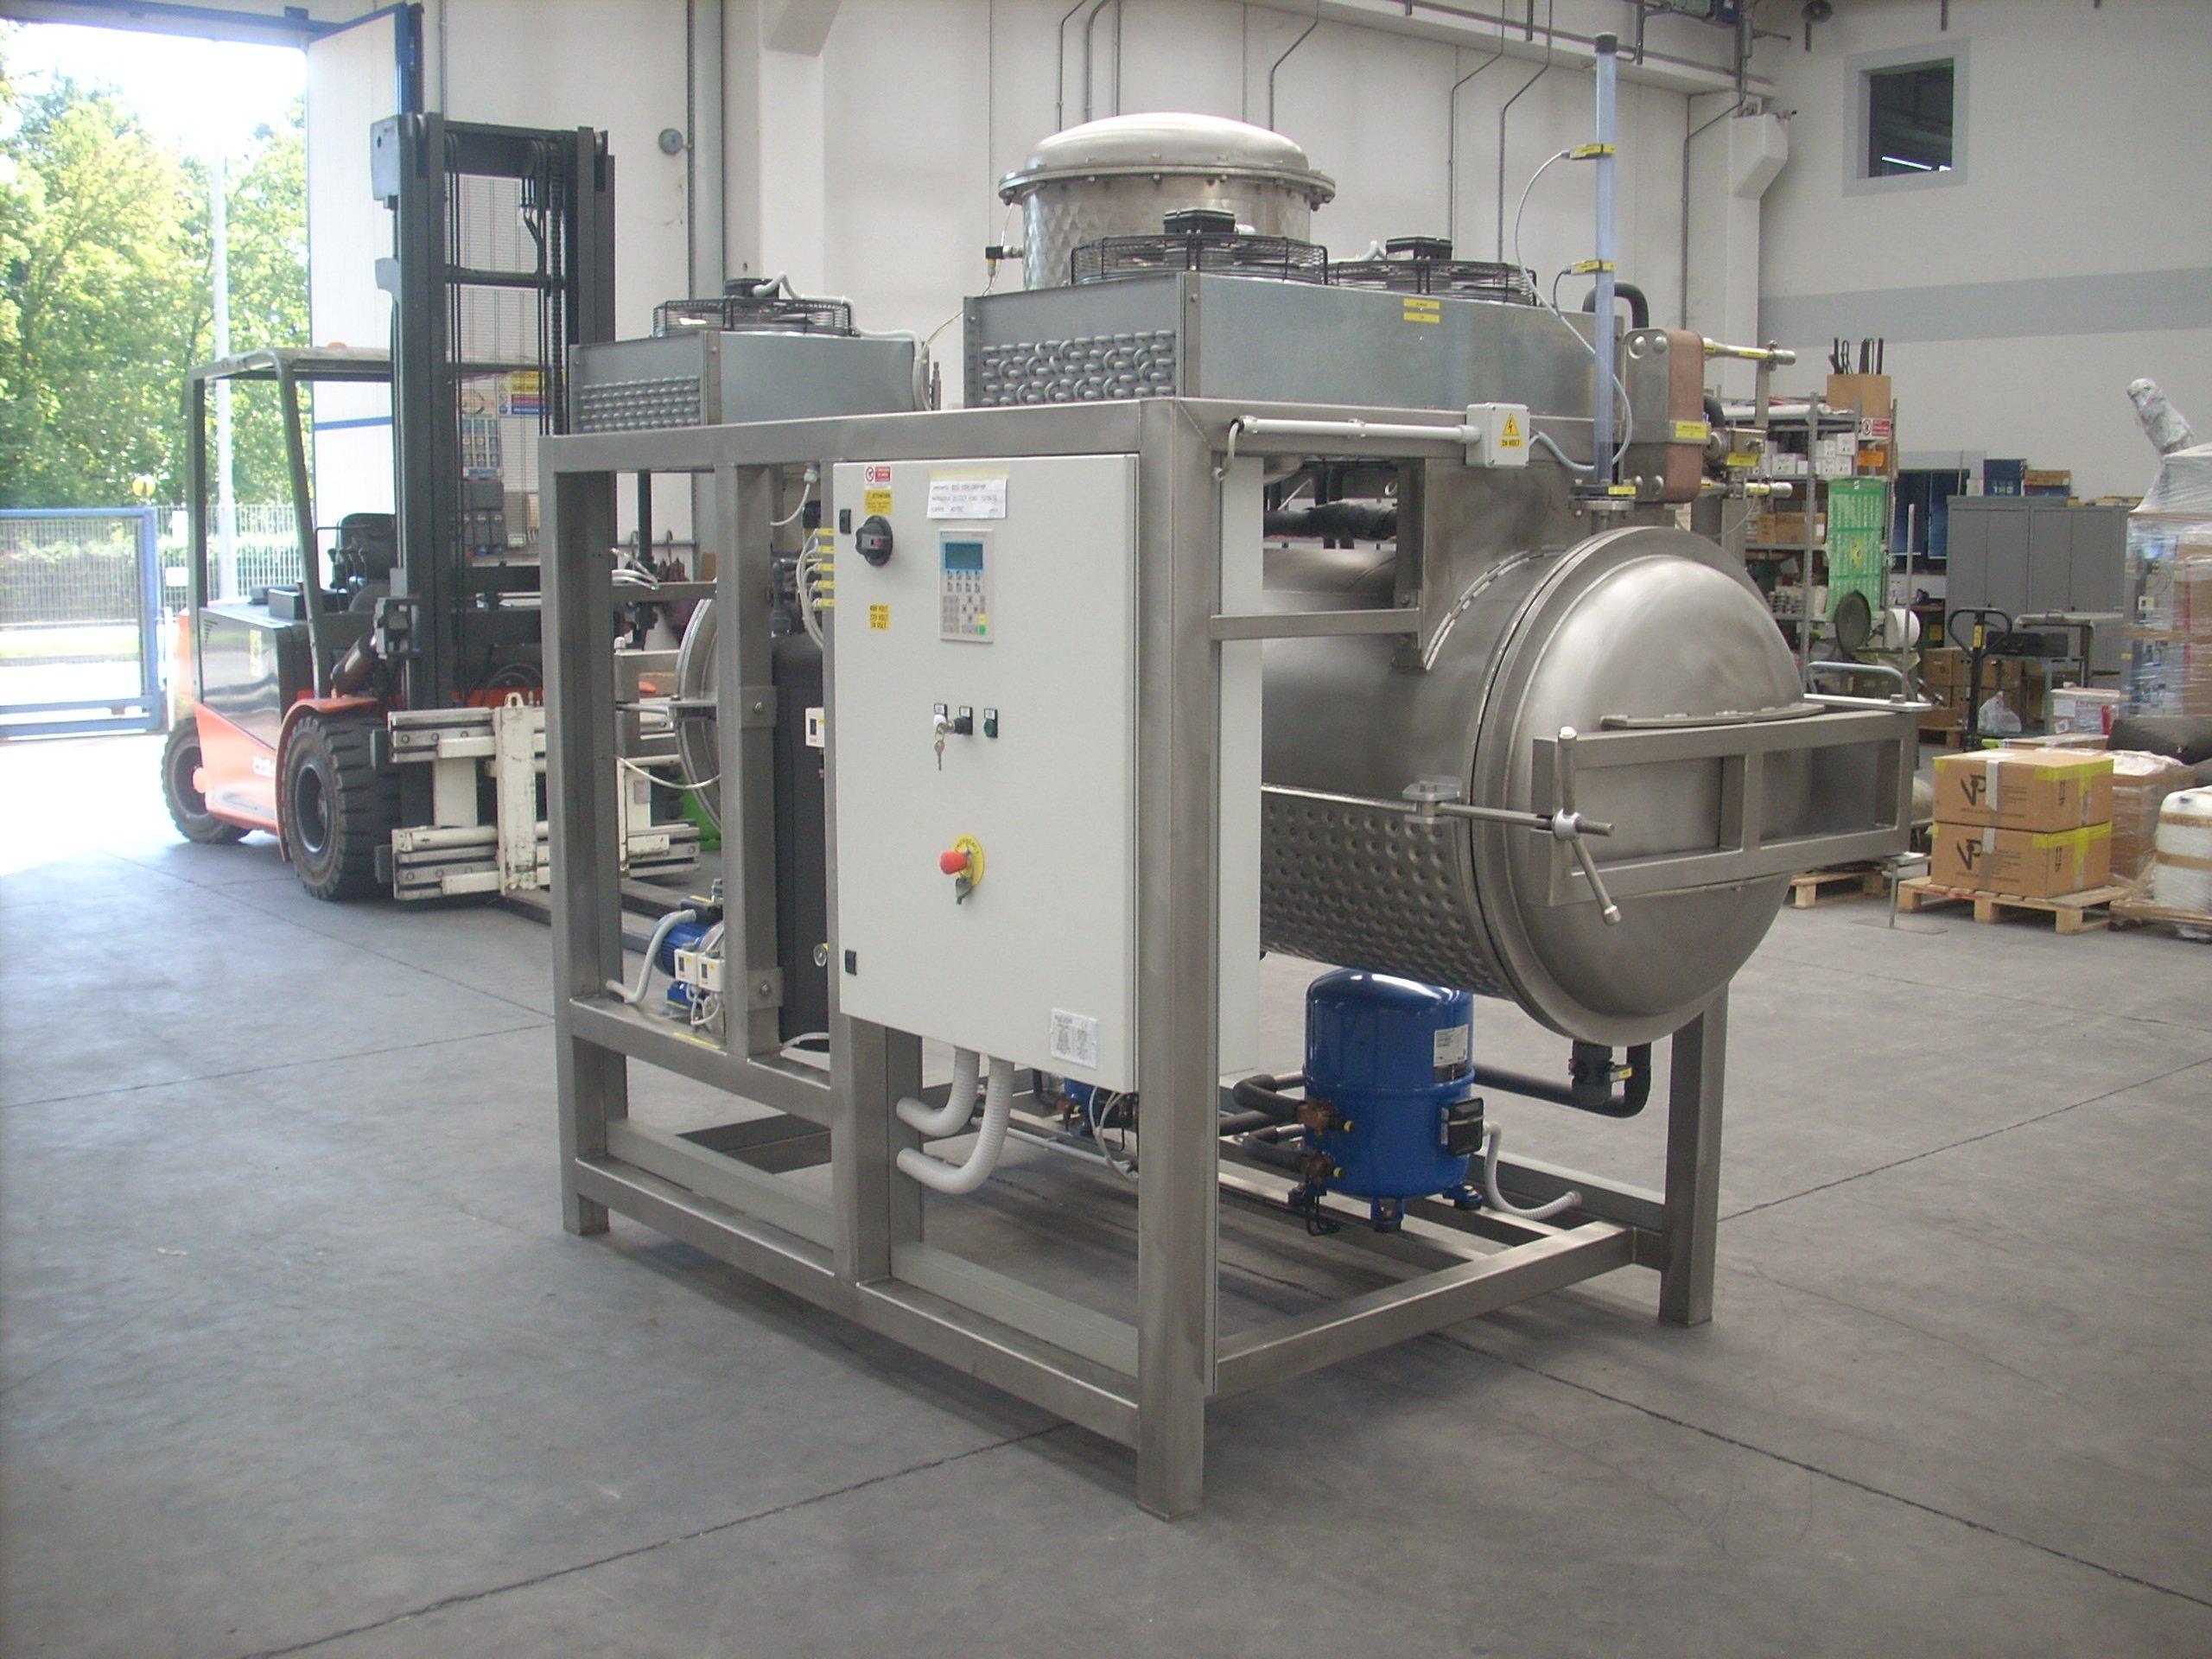 Cristalizadores aguas residuales